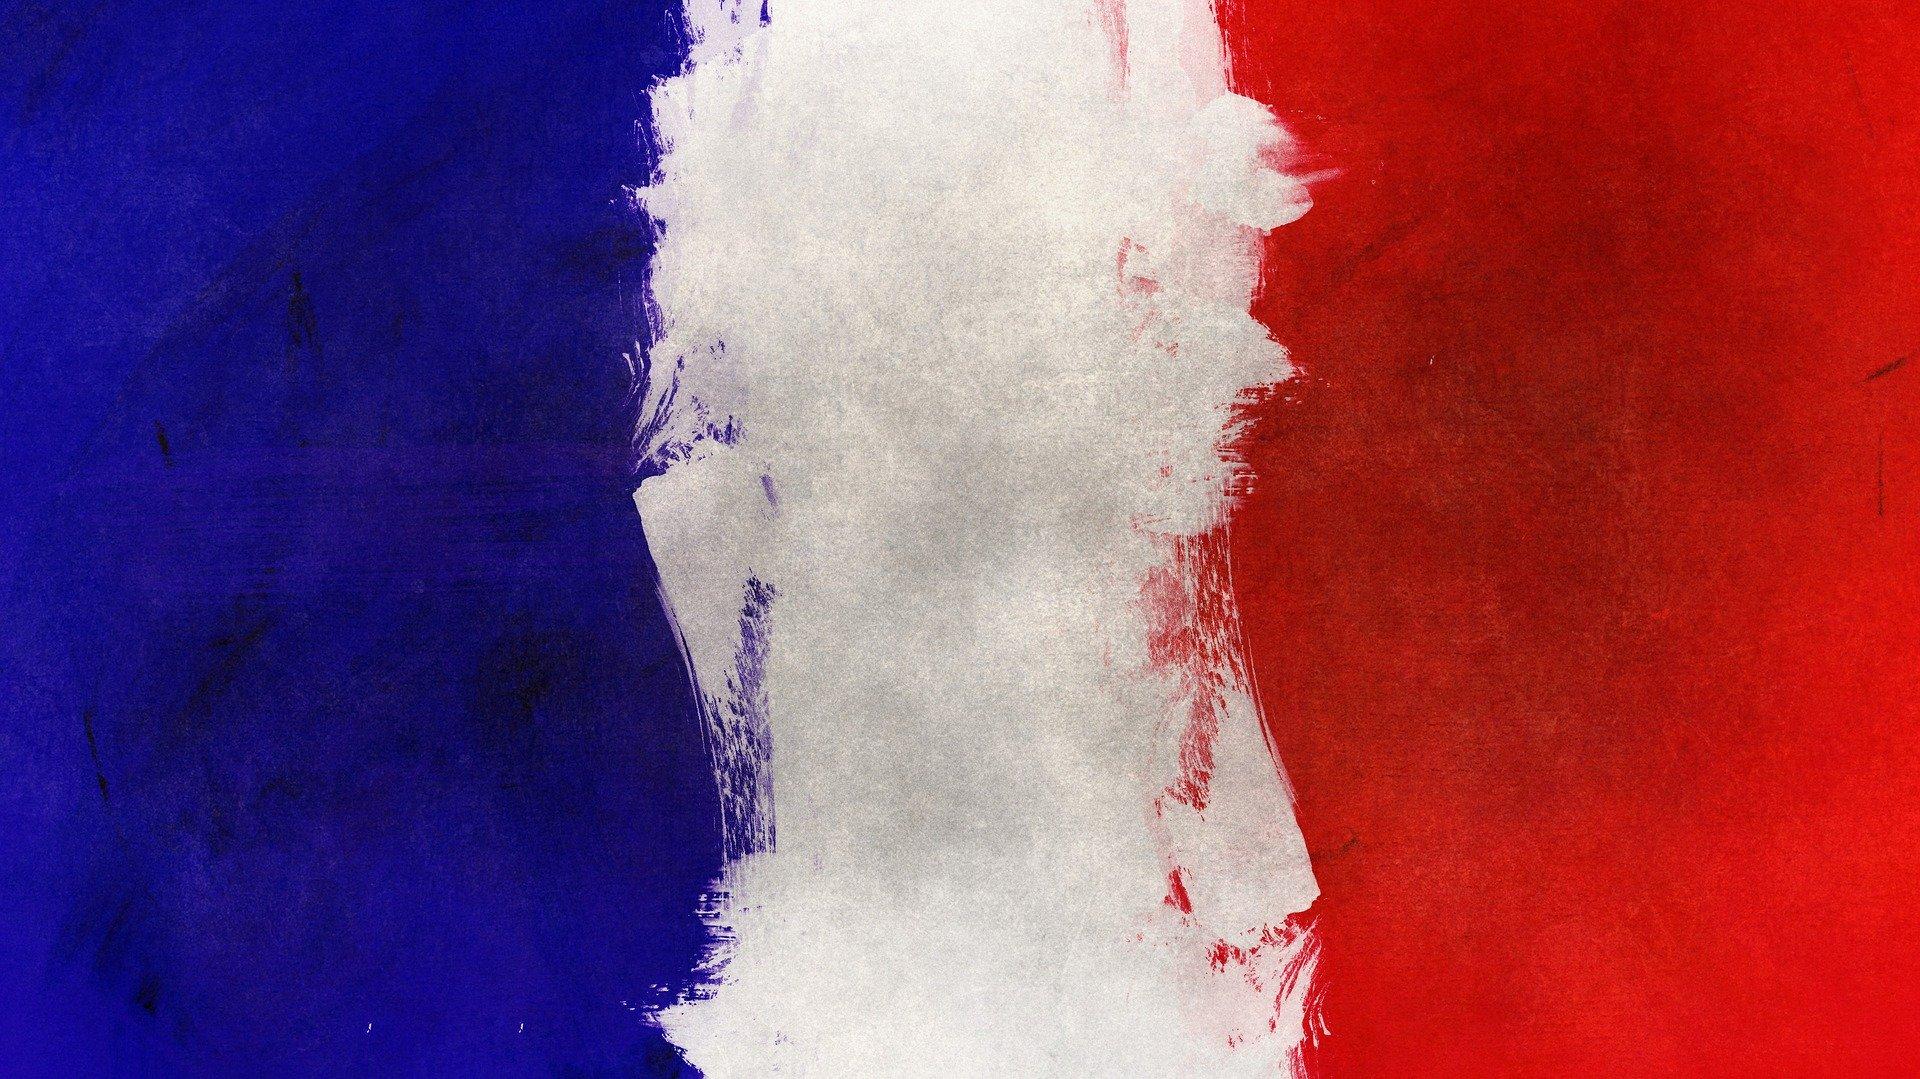 Législation française sur cannabis